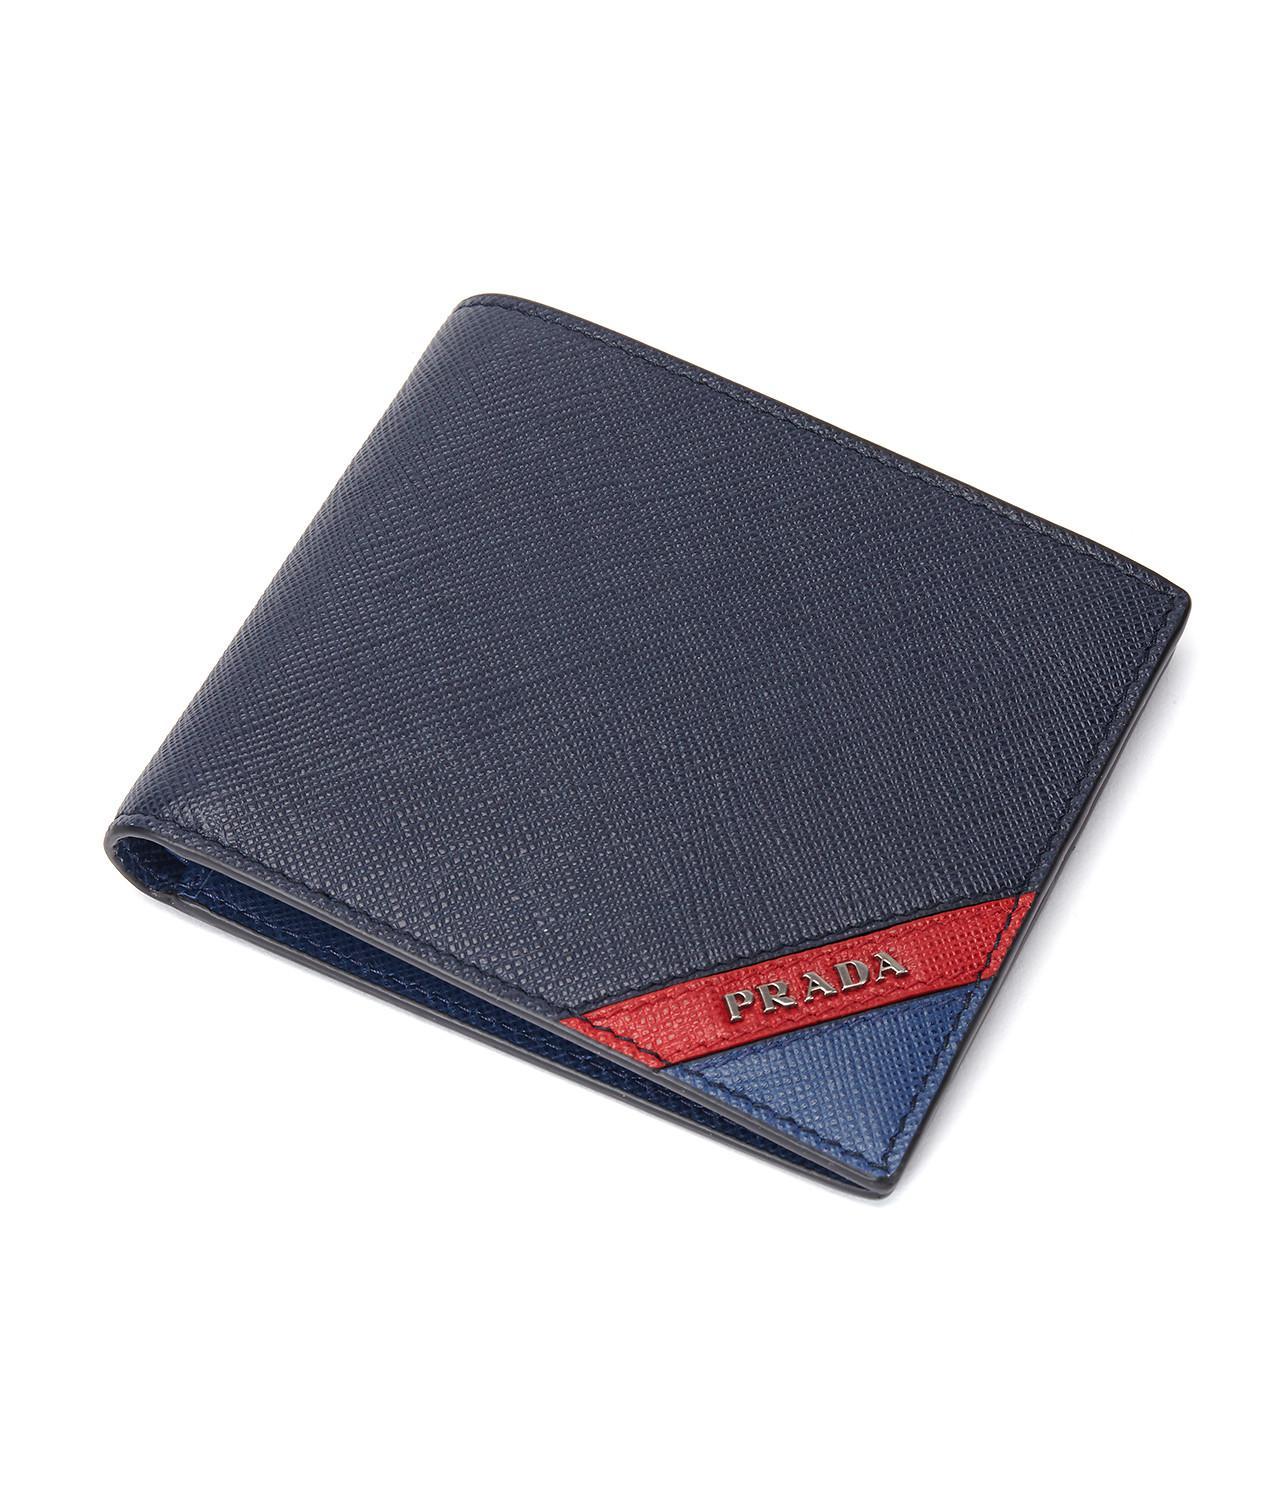 ee222b21e989 Prada - Blue Saffiano Stripe Wallet Nero+fuoco+baltico for Men - Lyst. View  fullscreen